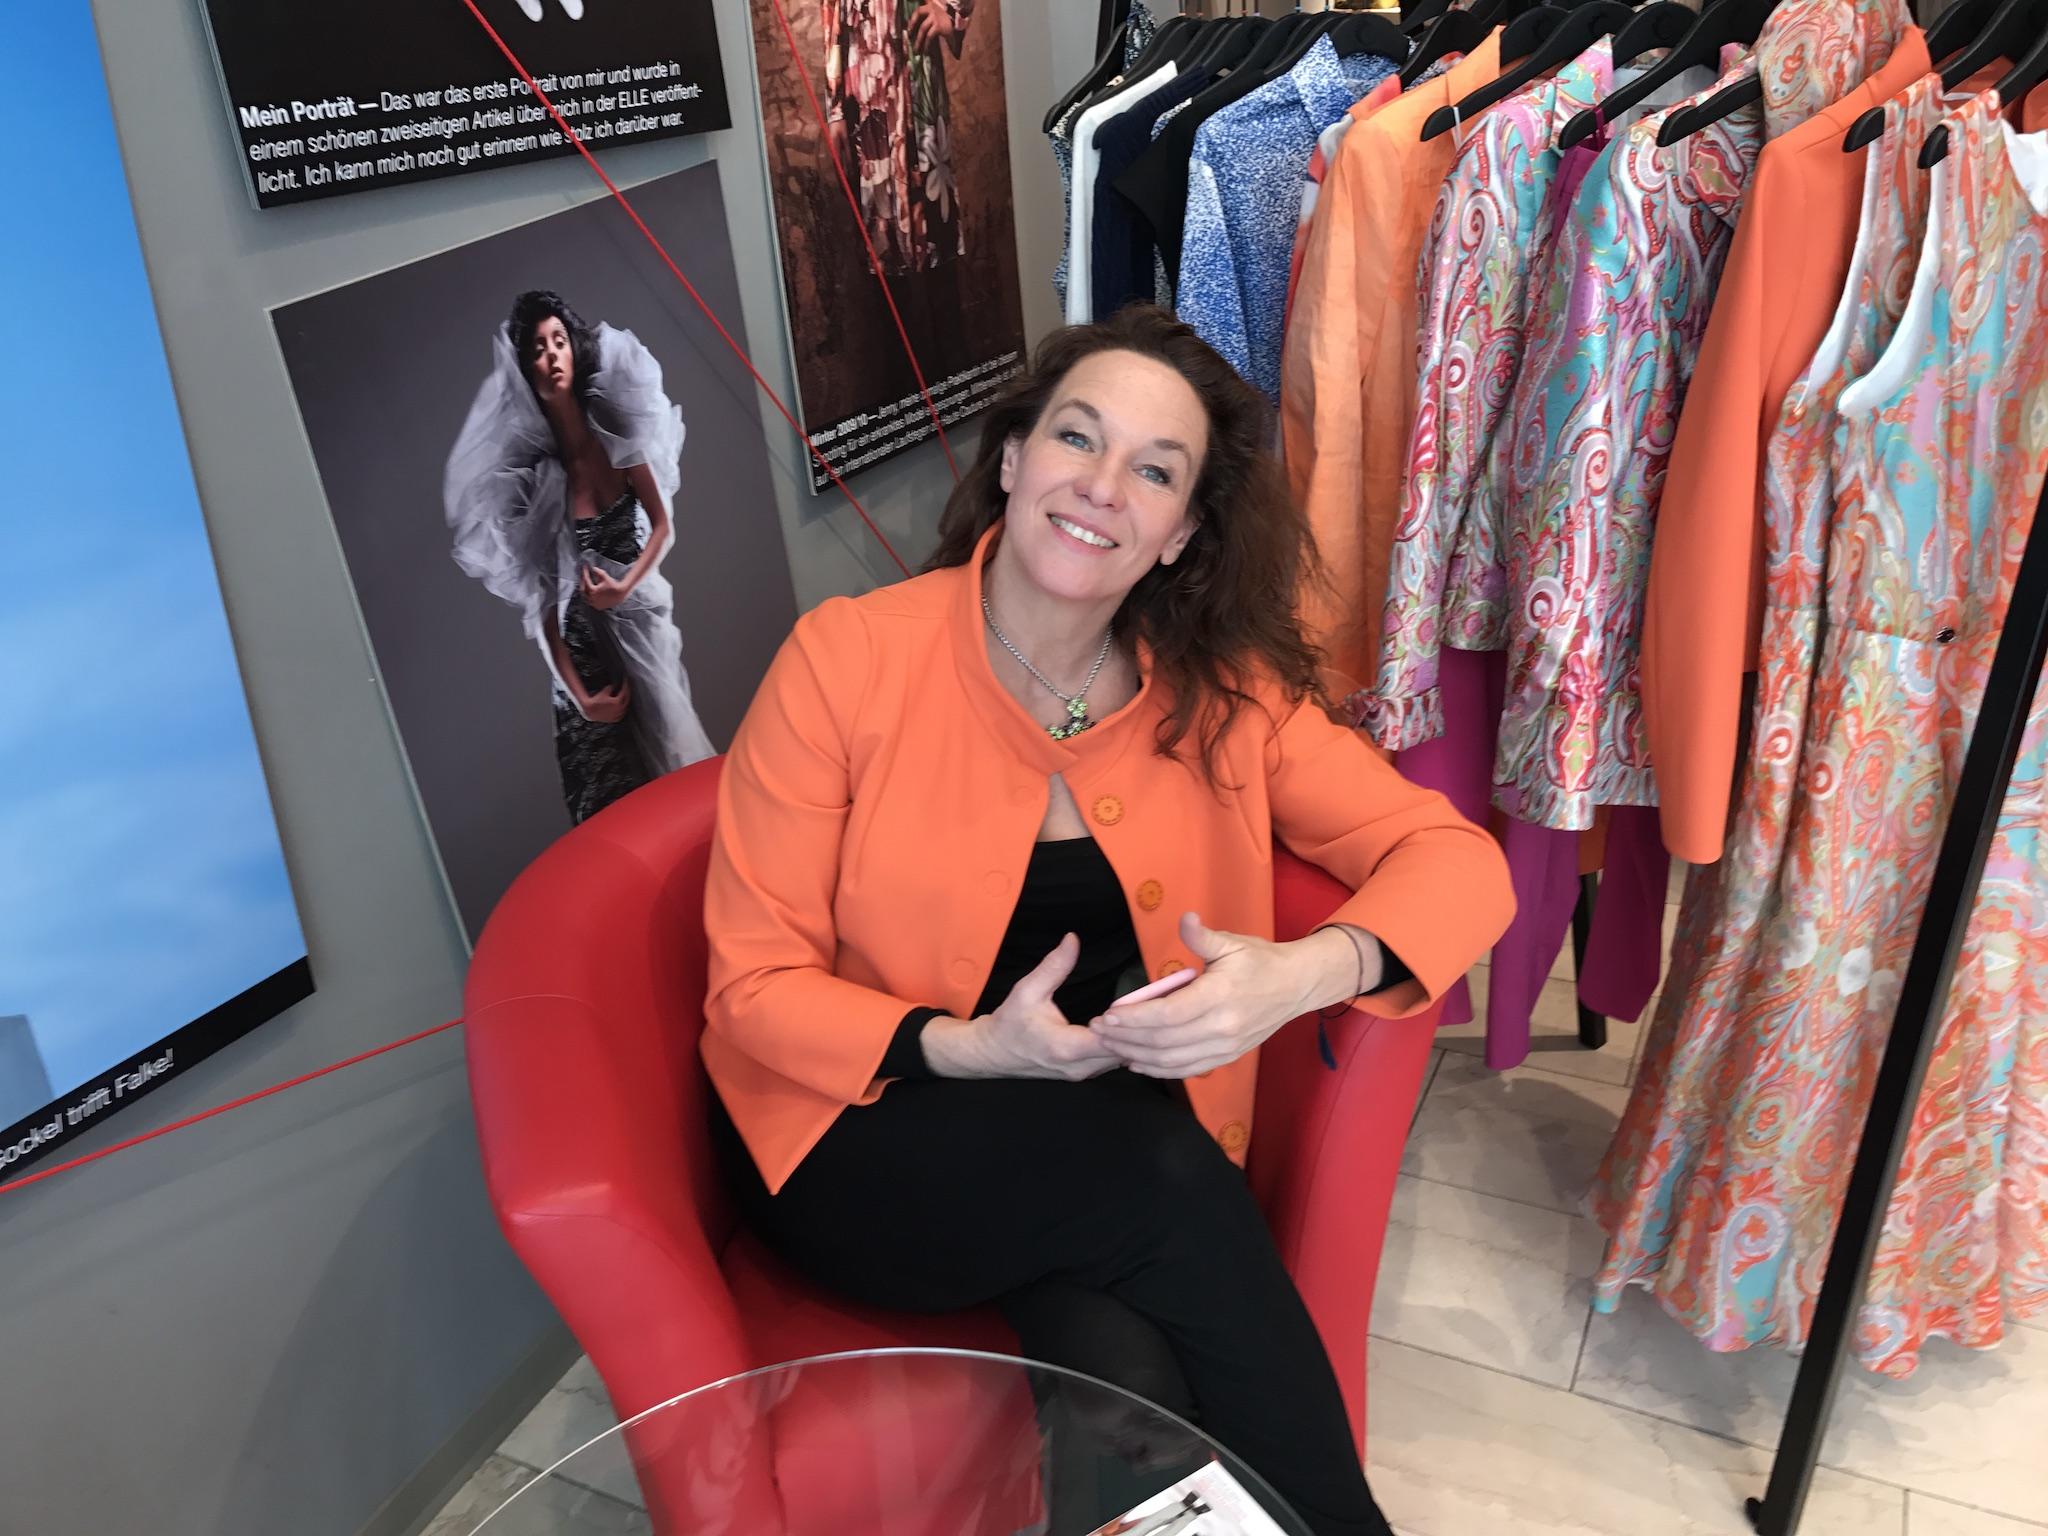 Anja Gockel Designerin, Anja Gockel Köln Boutique, Anja Gockel Bluse, Anja Gockel Wickelbluse, Fashion-Blog. Lieblingsstil.com